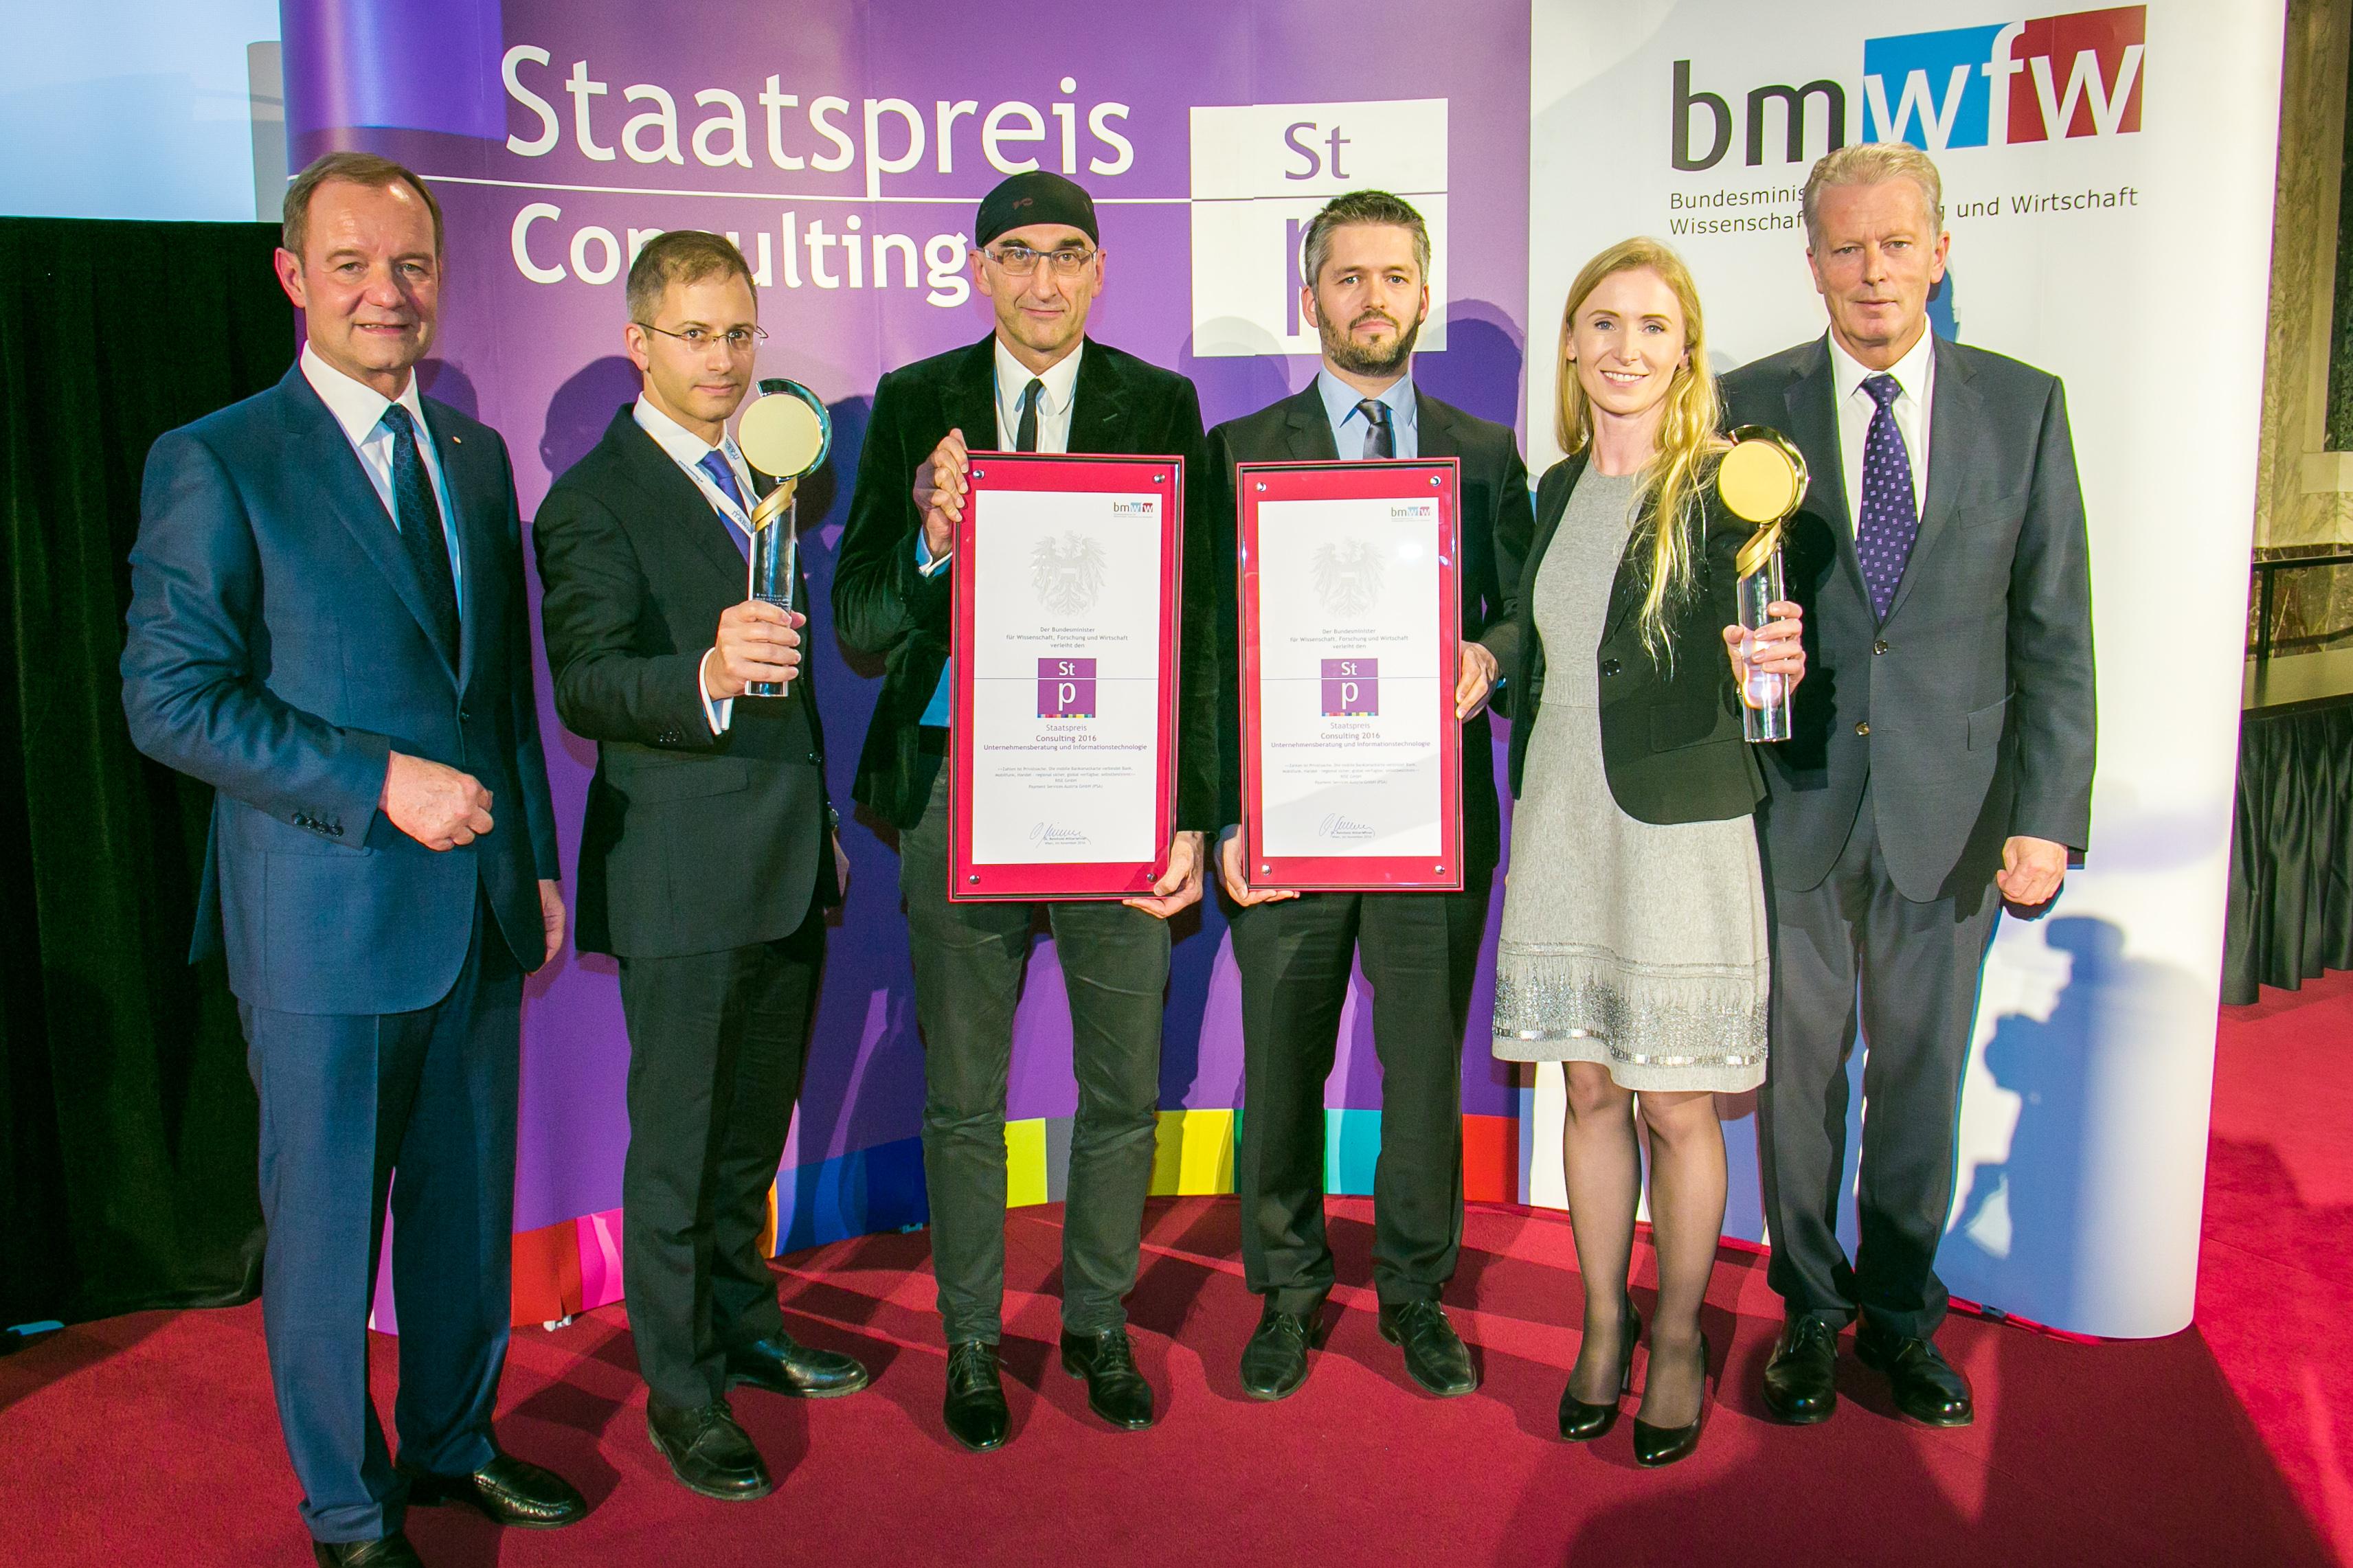 RISE gewinnt Staatspreis Consulting 2016